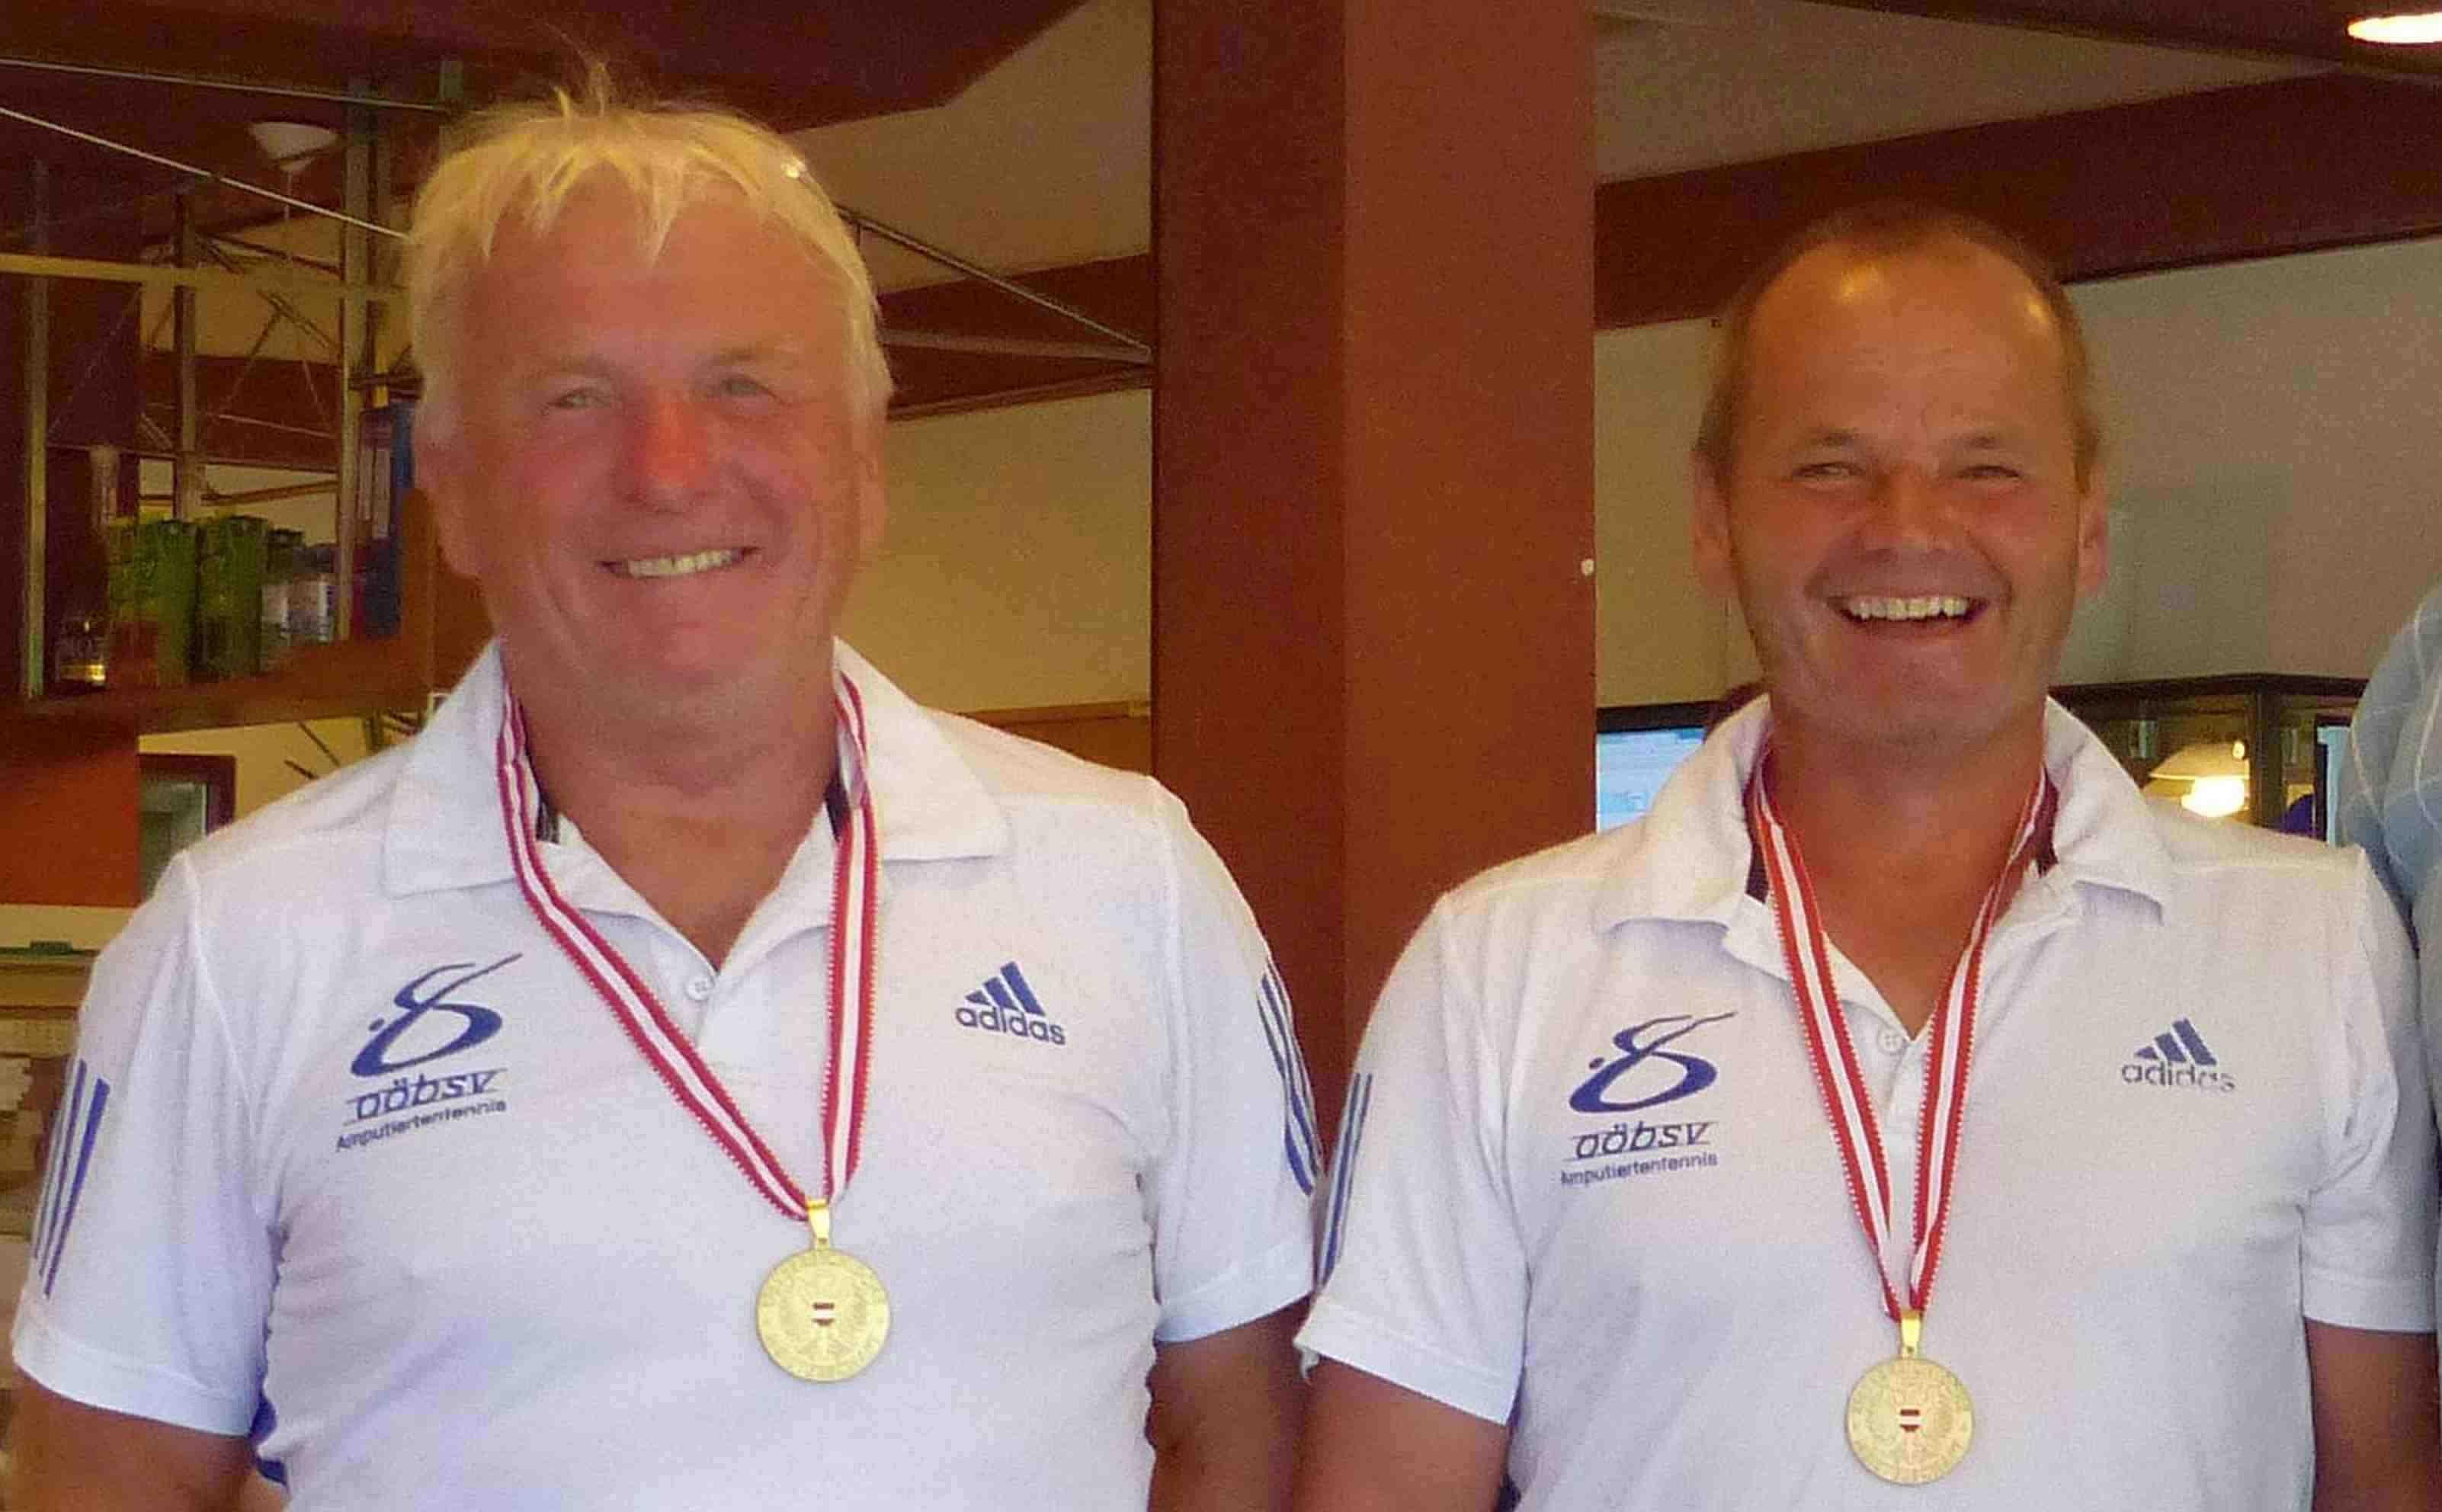 IManfred Eisenknapp und Karl Wieser vom UBSV Attnang Vöcklabruck holen sich in Abtenau (S) den  10. Österreichischen Meistertitel im Amputierten Tennis